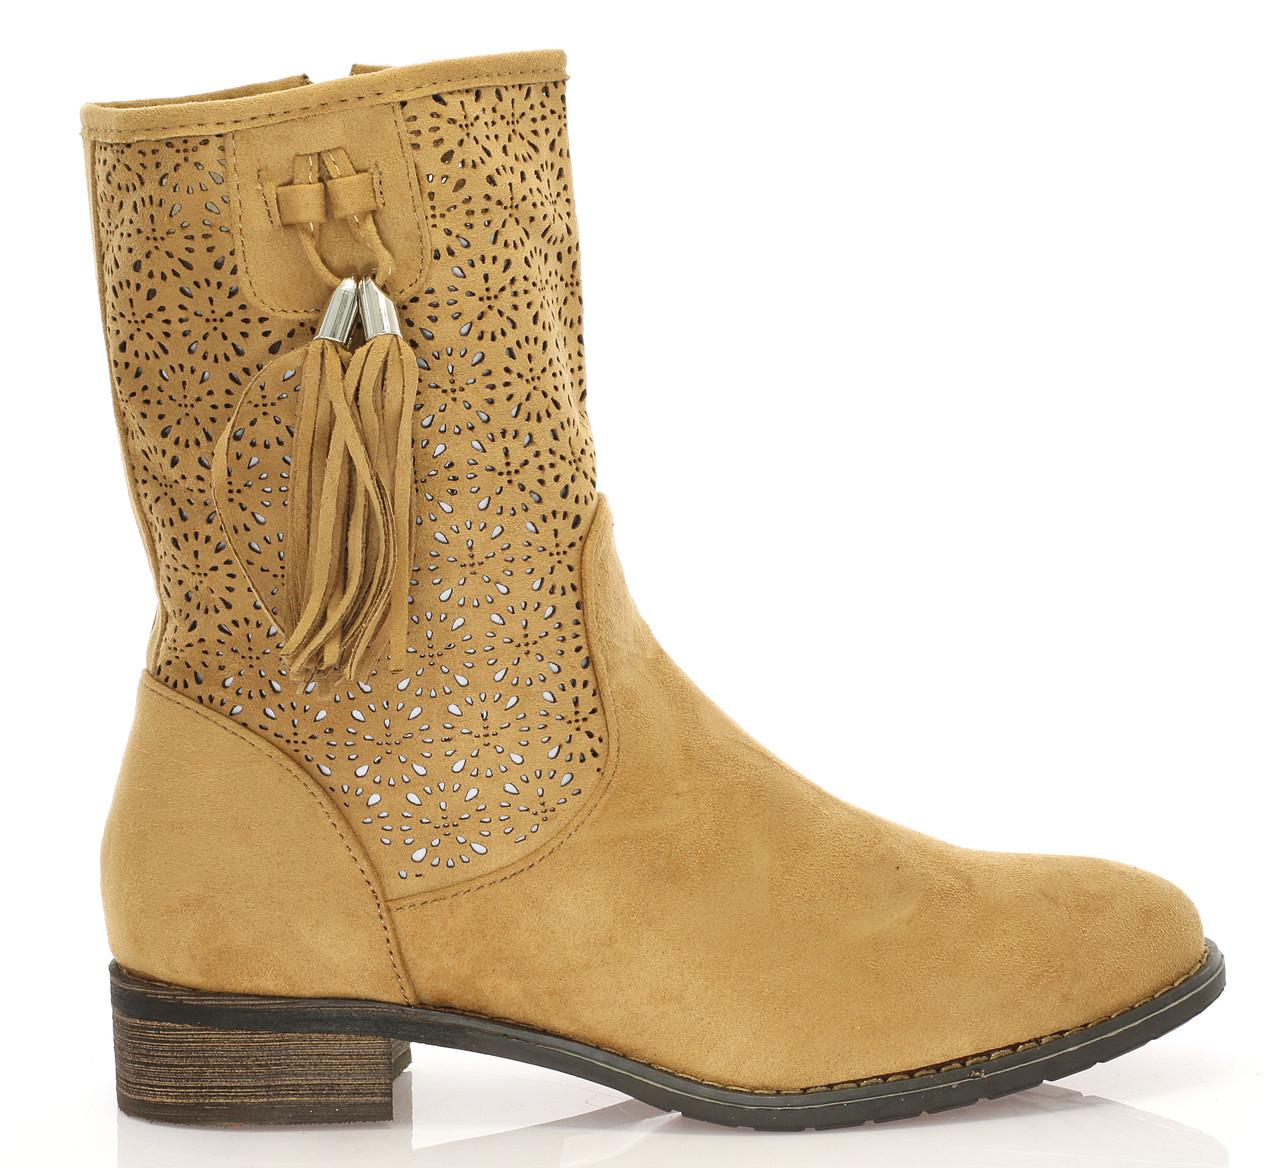 Женские ботинки Yuba camel